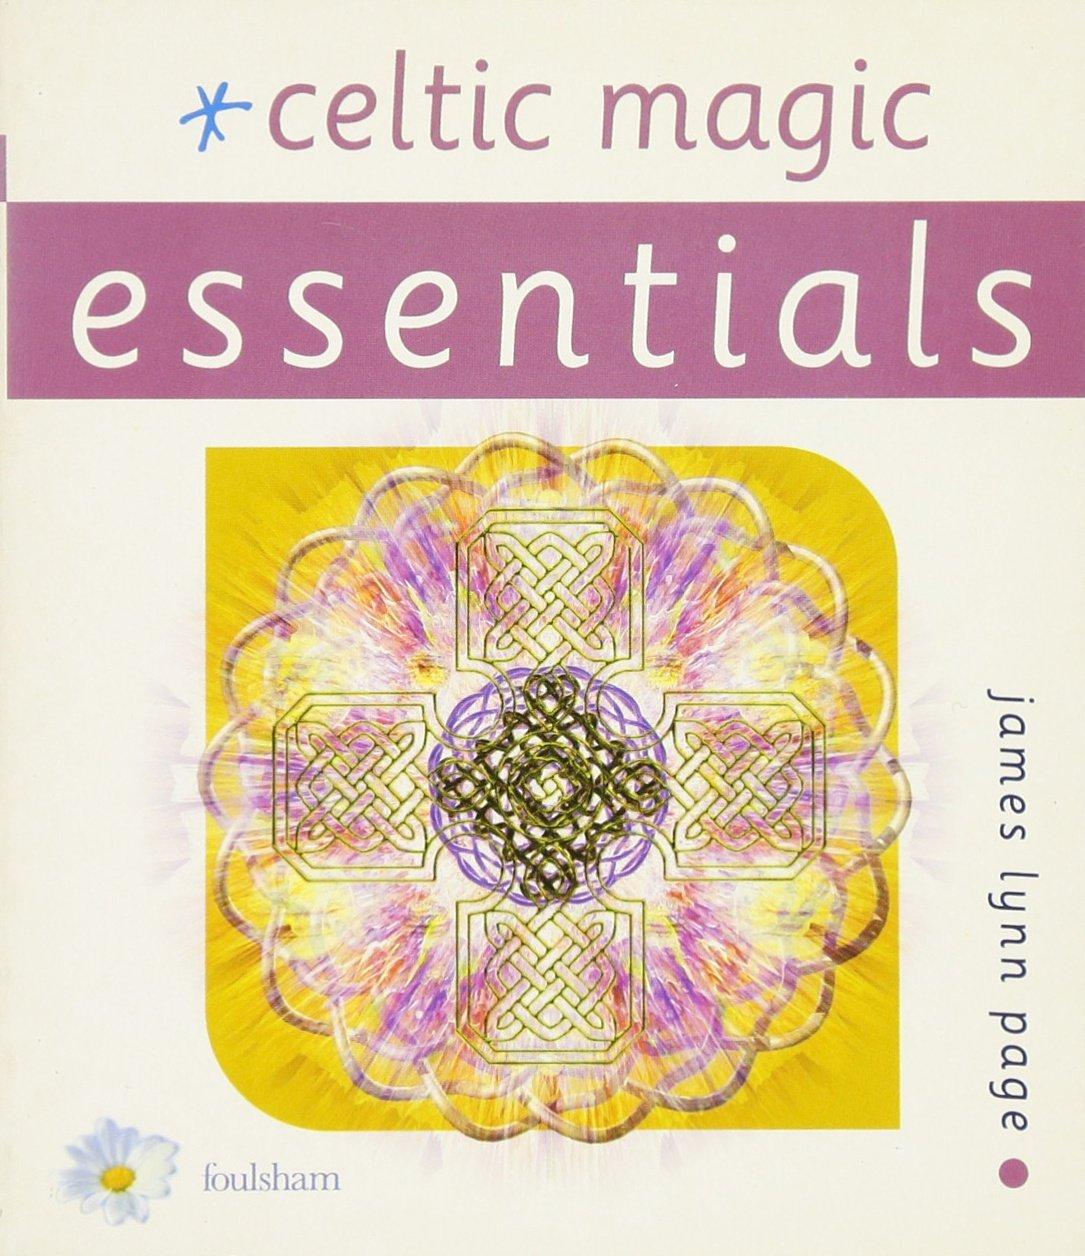 Celtic Magic (Essentials Series, 1) ebook